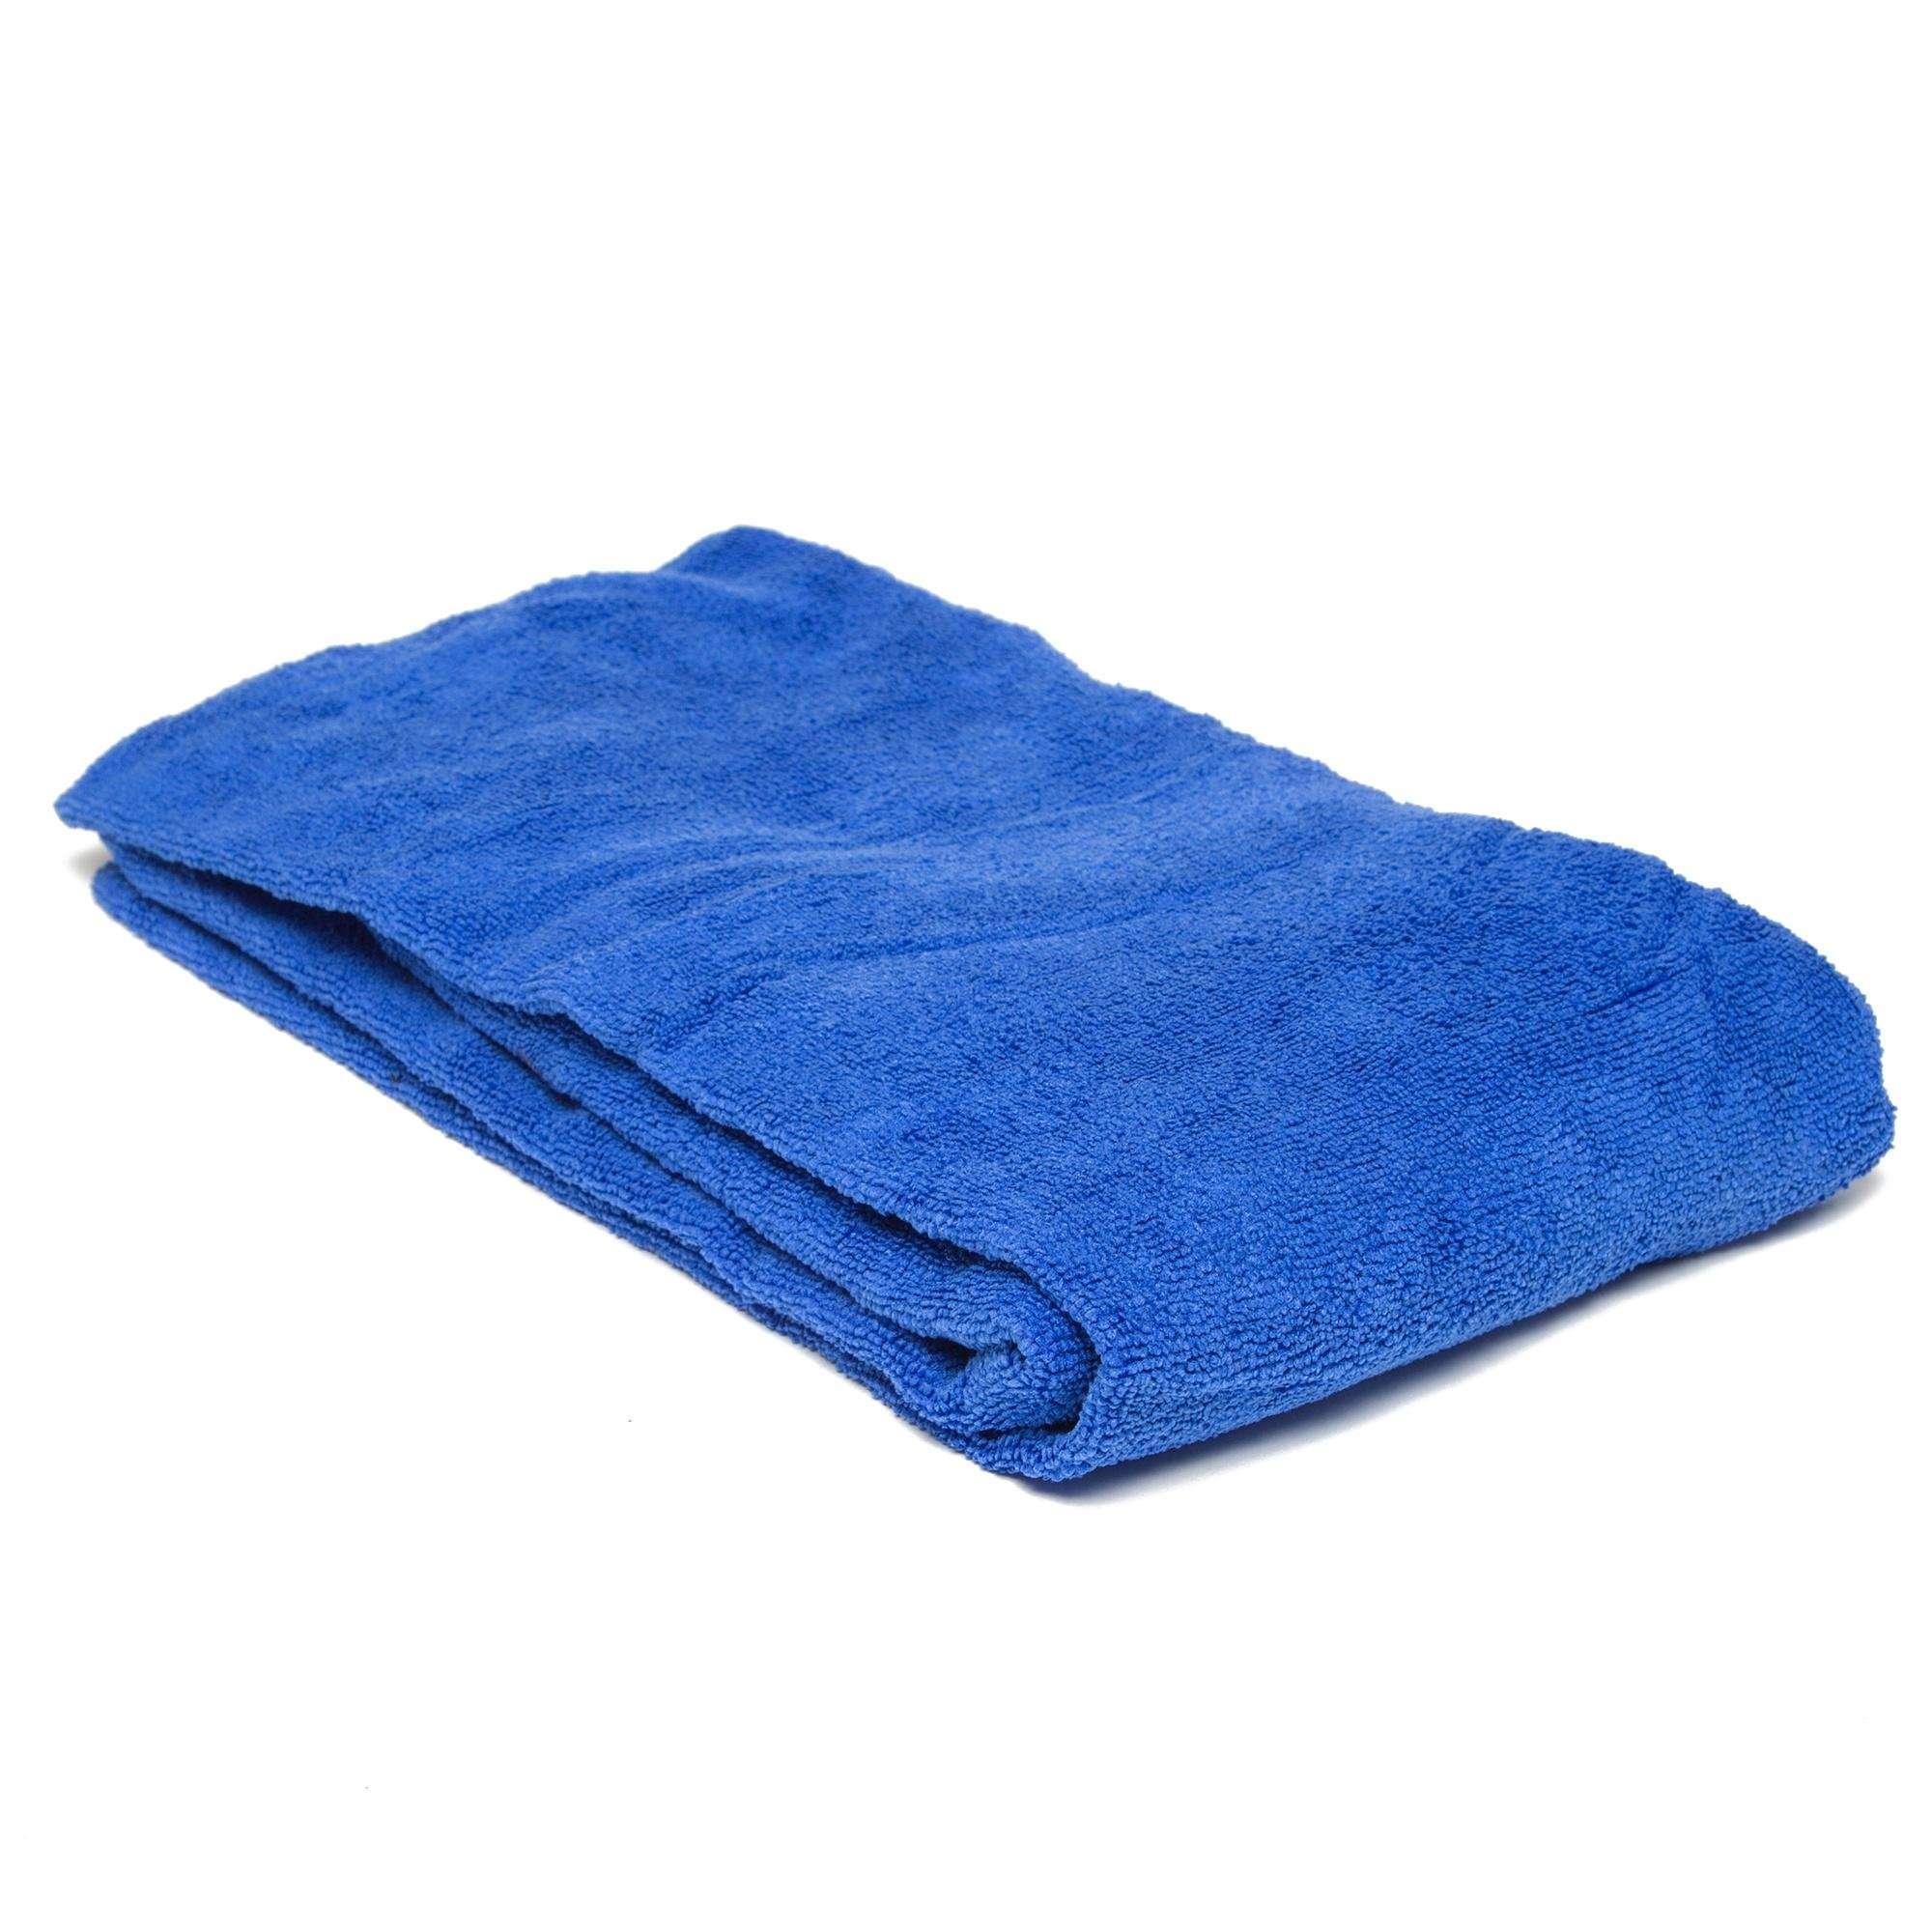 EUROHIKE Terry Microfibre Travel Towel - Medium